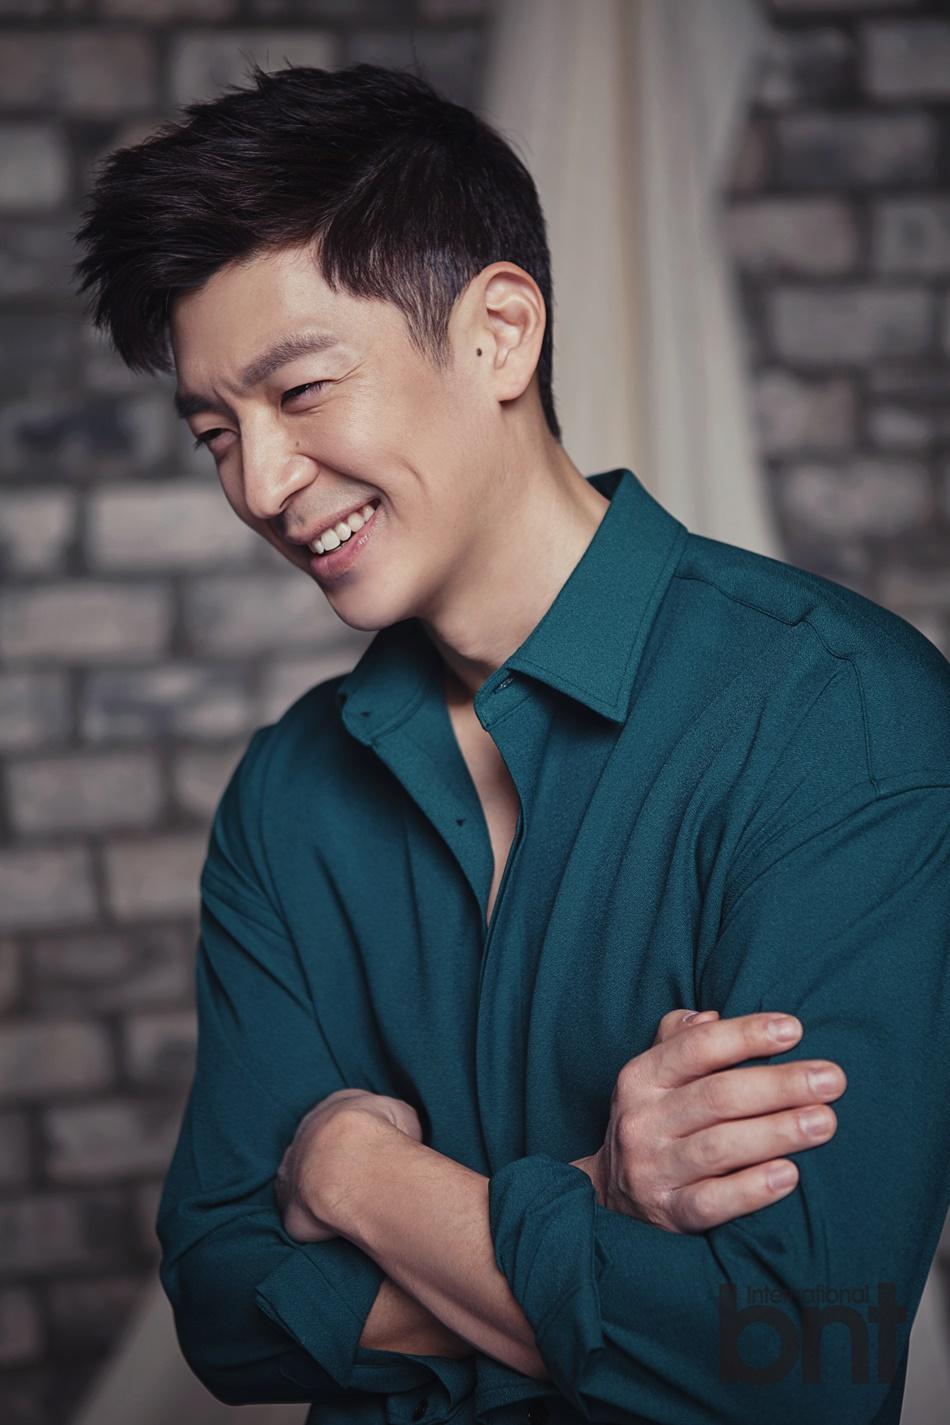 韩国男歌手tim拍写真 成熟男人沉稳内敛